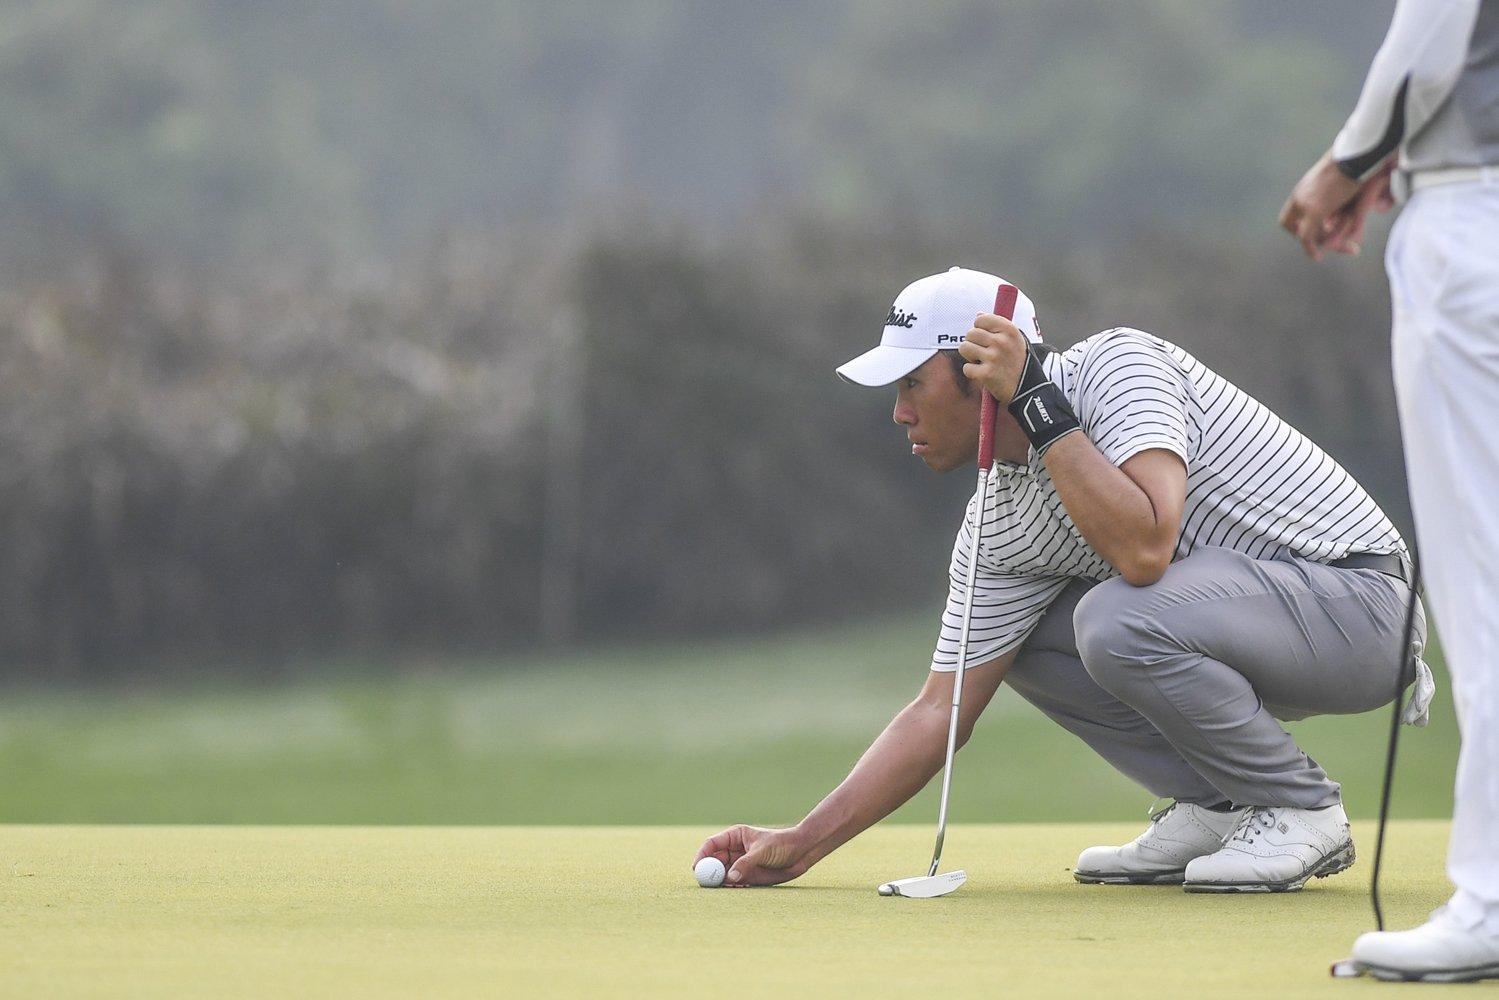 Pegolf Indonesia Rory Hie mengamati posisi bola pada turnamen BNI Indonesian Masters 2019 di Royale Jakarta Golf Club, Jakarta, Kamis (12/12/2019). Rory Hie yang pernah menjuarai Asian Tour di ajang Classic Golf and Country Club International Championship 2019 di India ini menjadi pegolf unggulan Indonesia di turnamen tersebut.